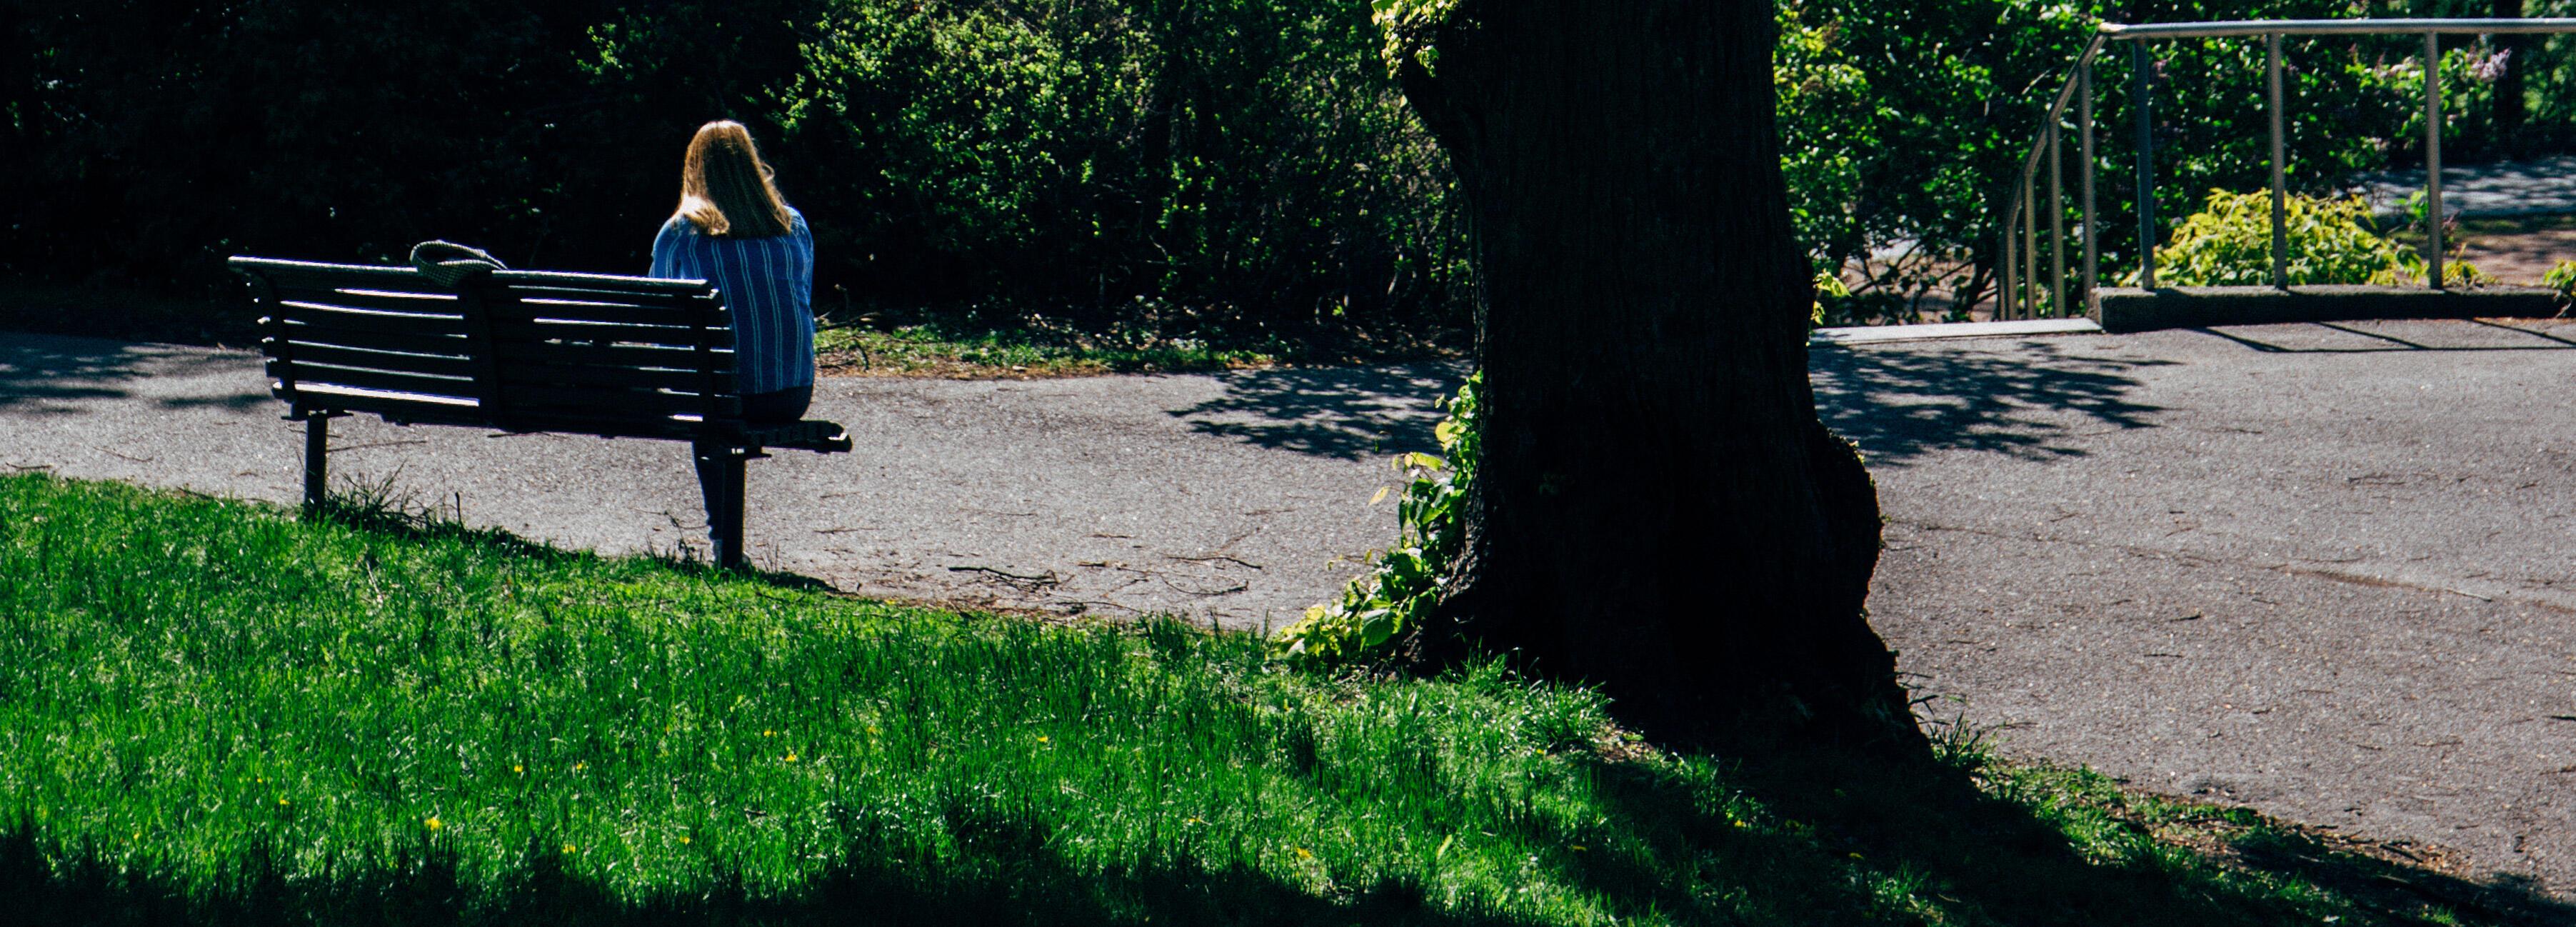 Kvinne på en benk i en park, en sommerdag.